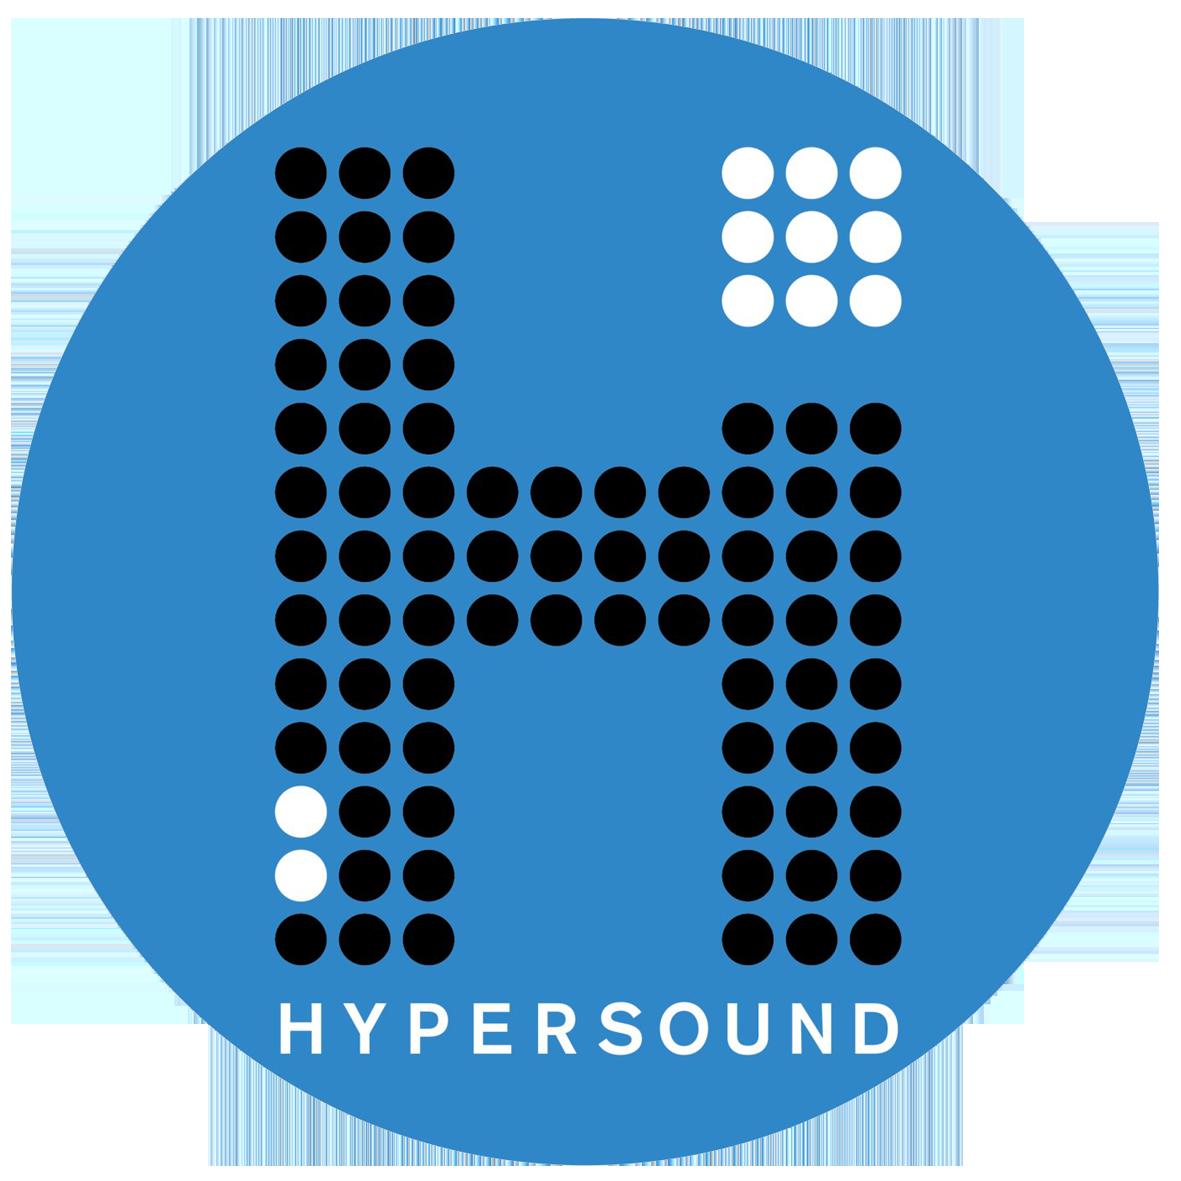 Студия звукозаписи в Санкт-Петербурге | Hypersound |